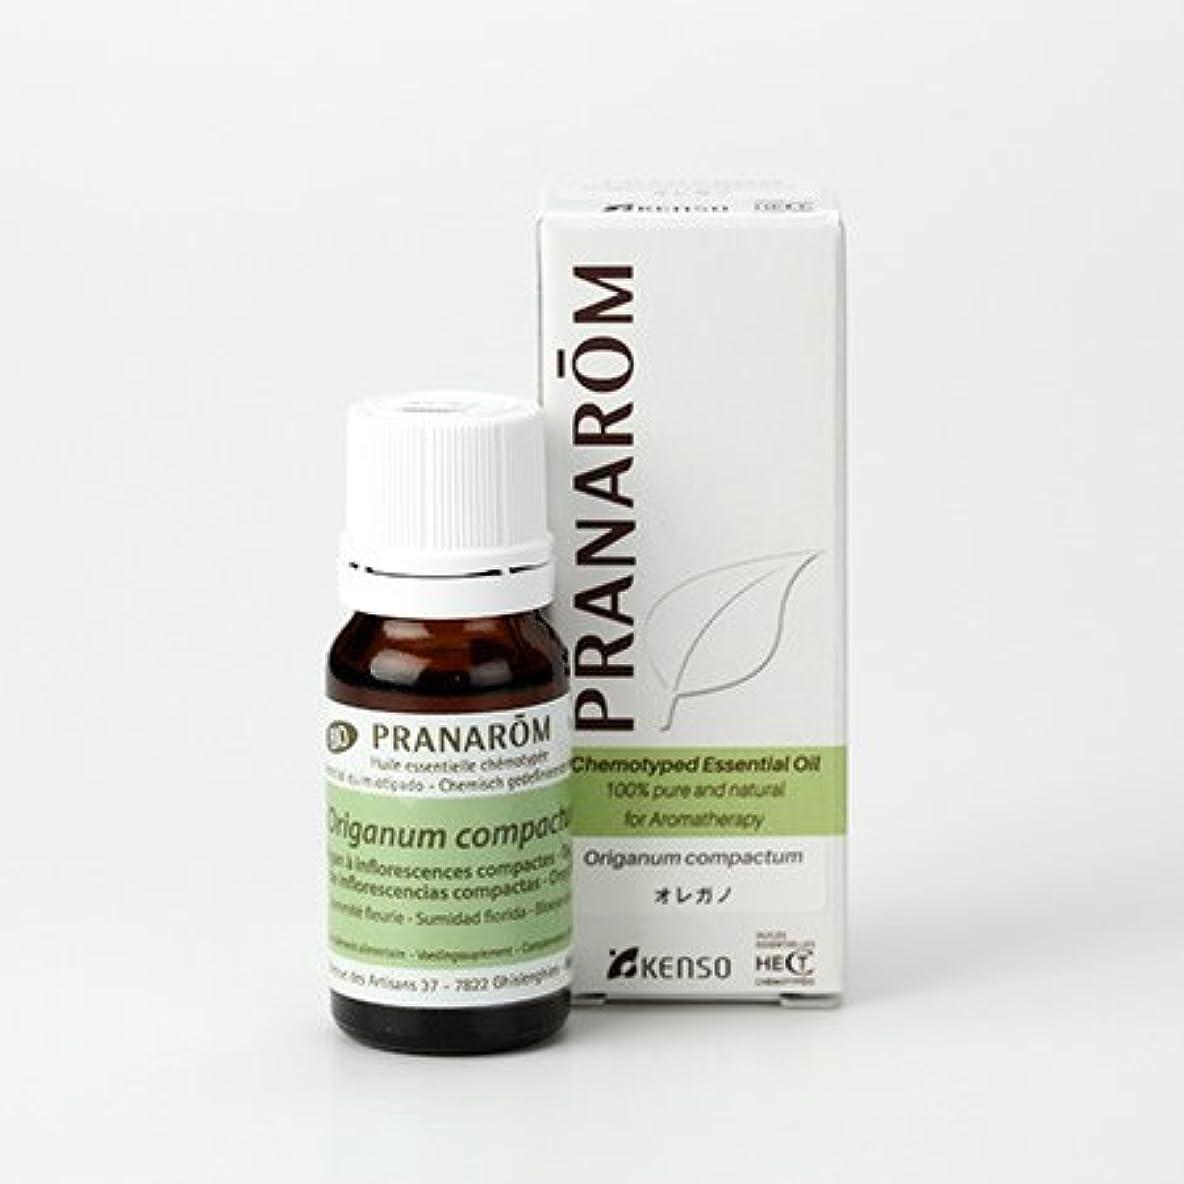 鋸歯状フレア剛性プラナロム オレガノ 10ml (PRANAROM ケモタイプ精油)